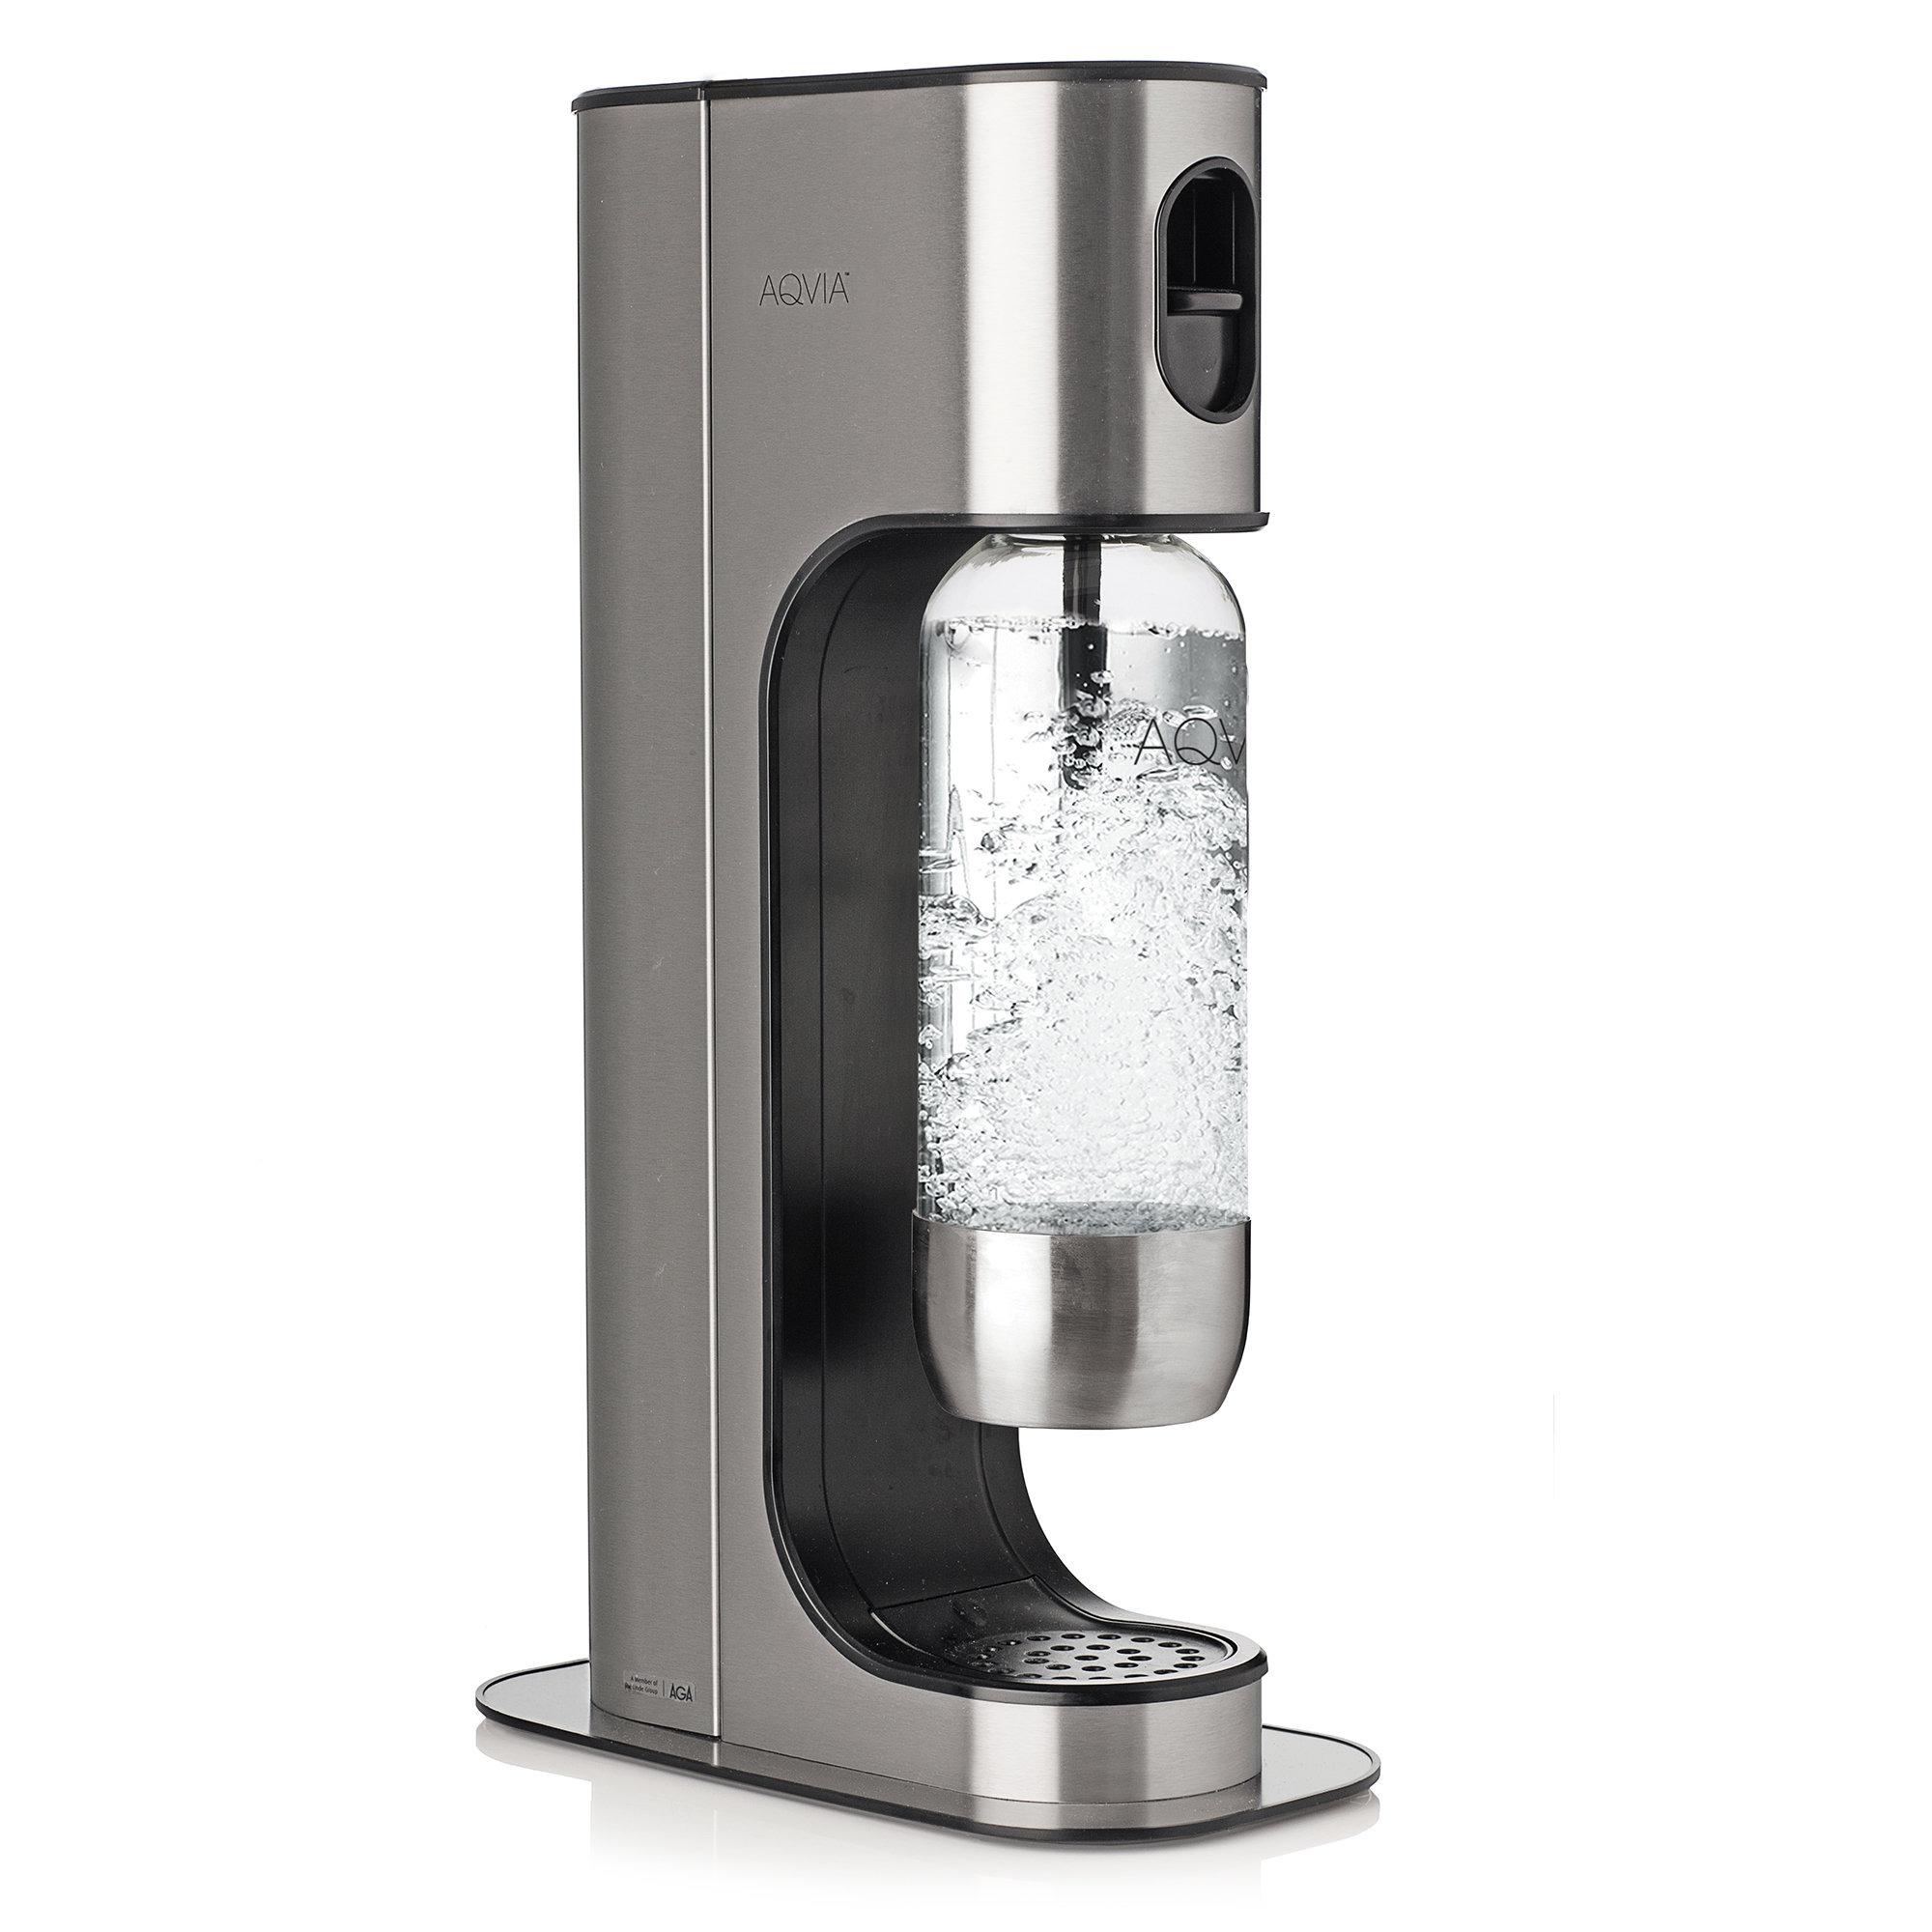 Aqvia AGA Exclusive Silver/Svart